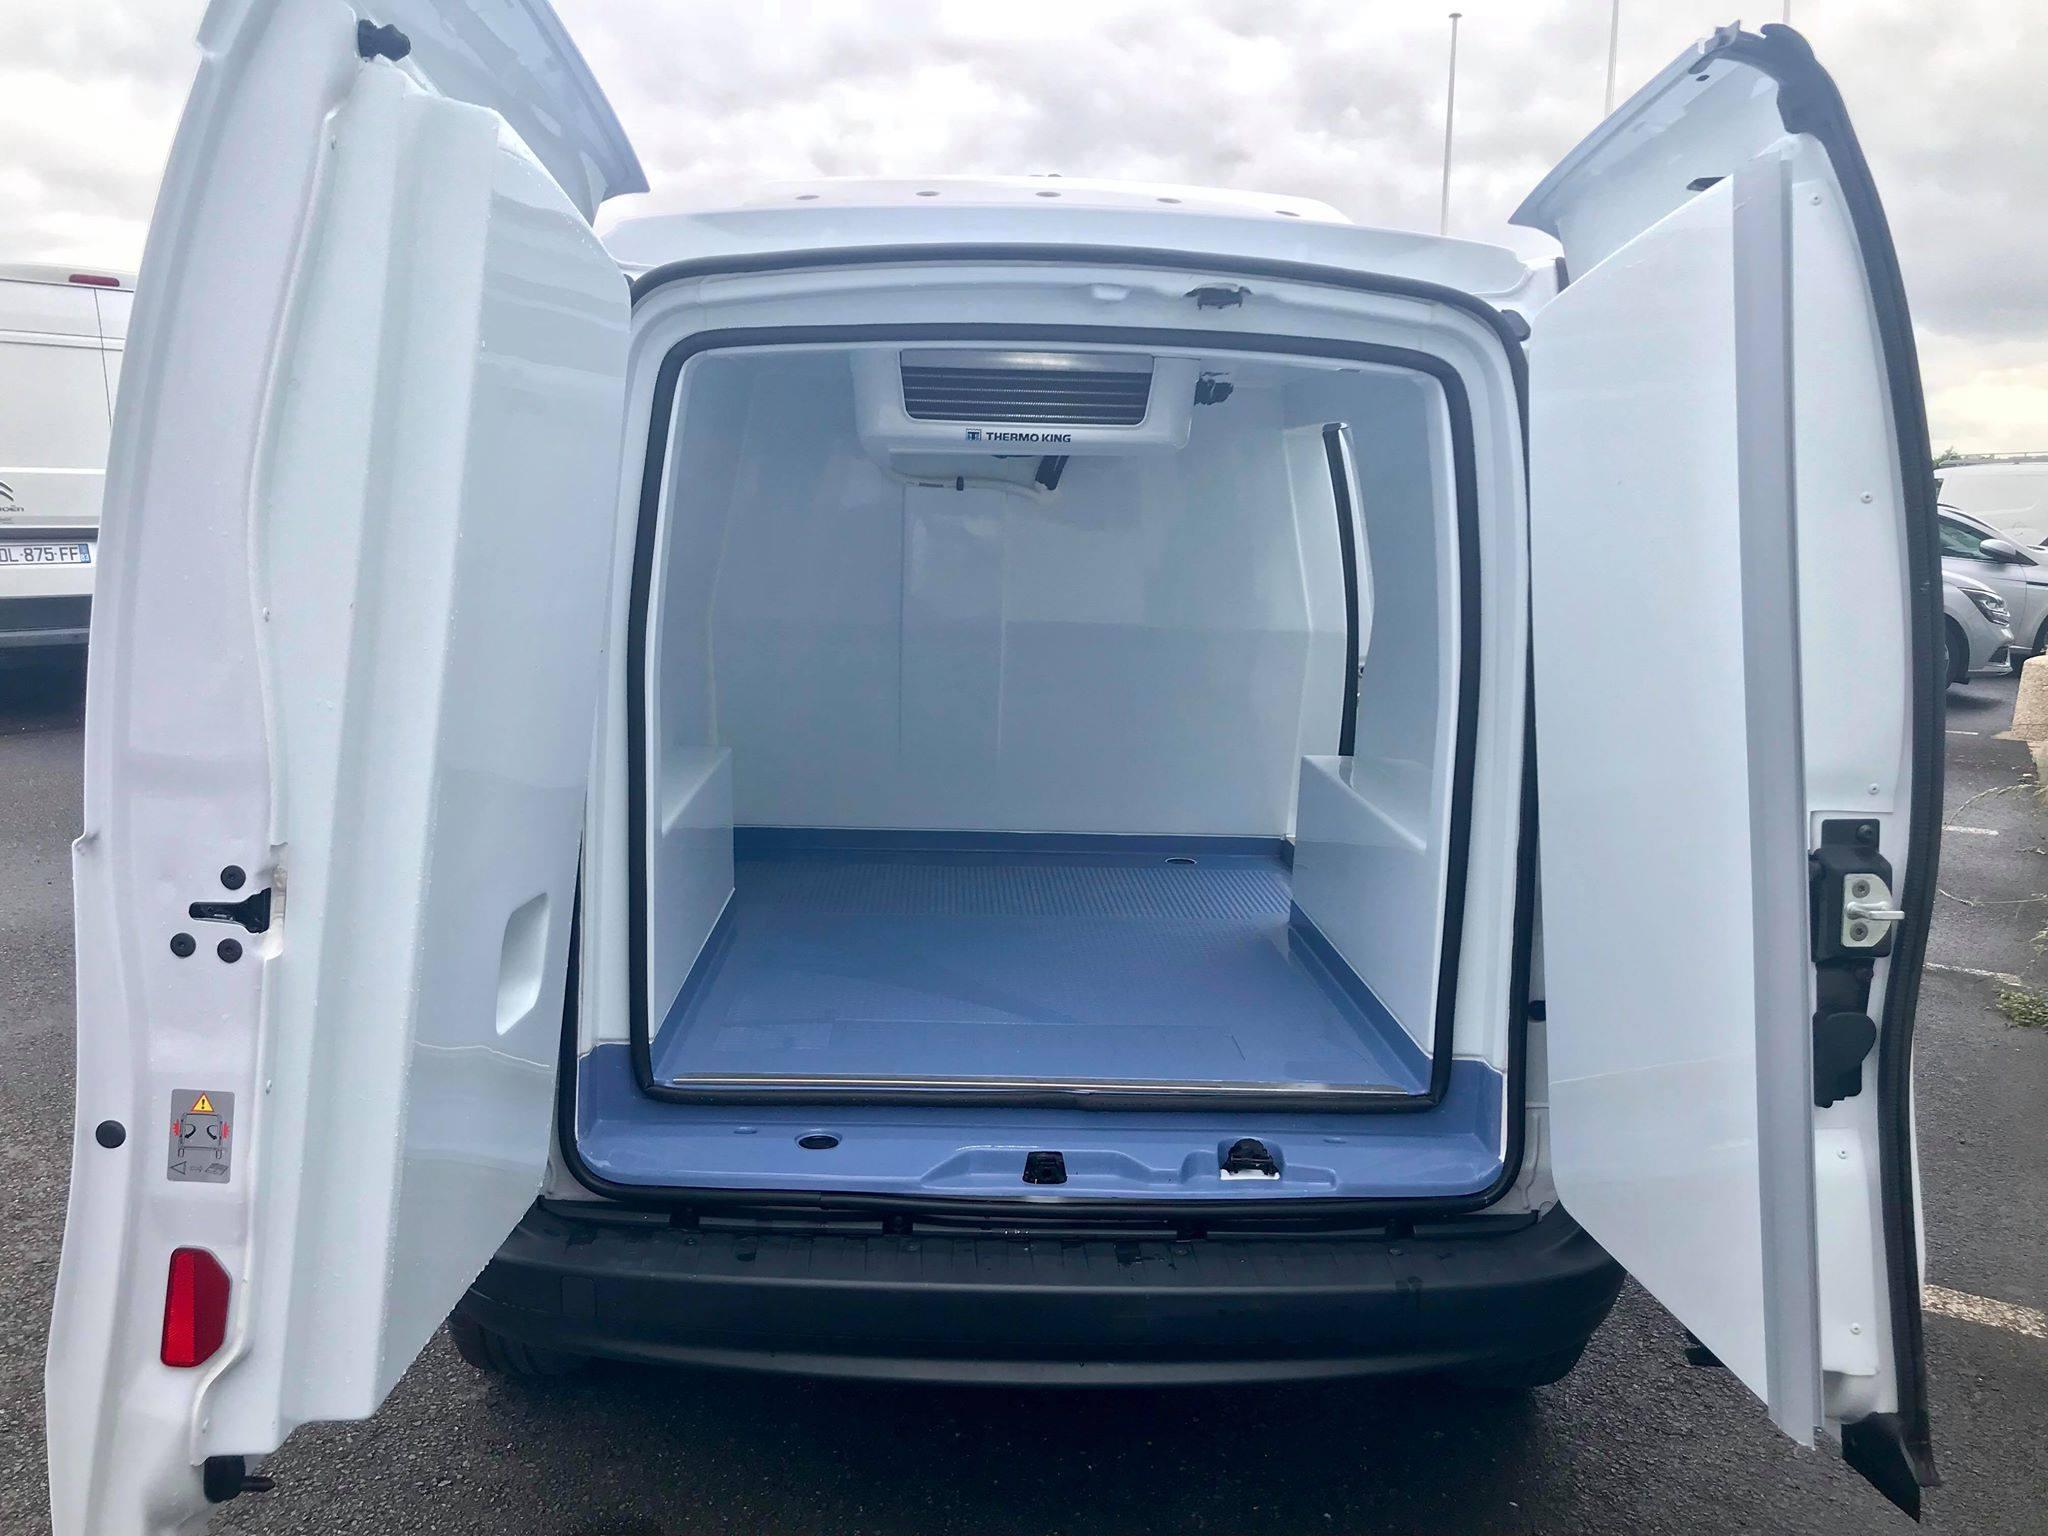 Location d'un utilitaire frigorifique tôlé 3m3 - Renault Kangoo Frigo - Vue3